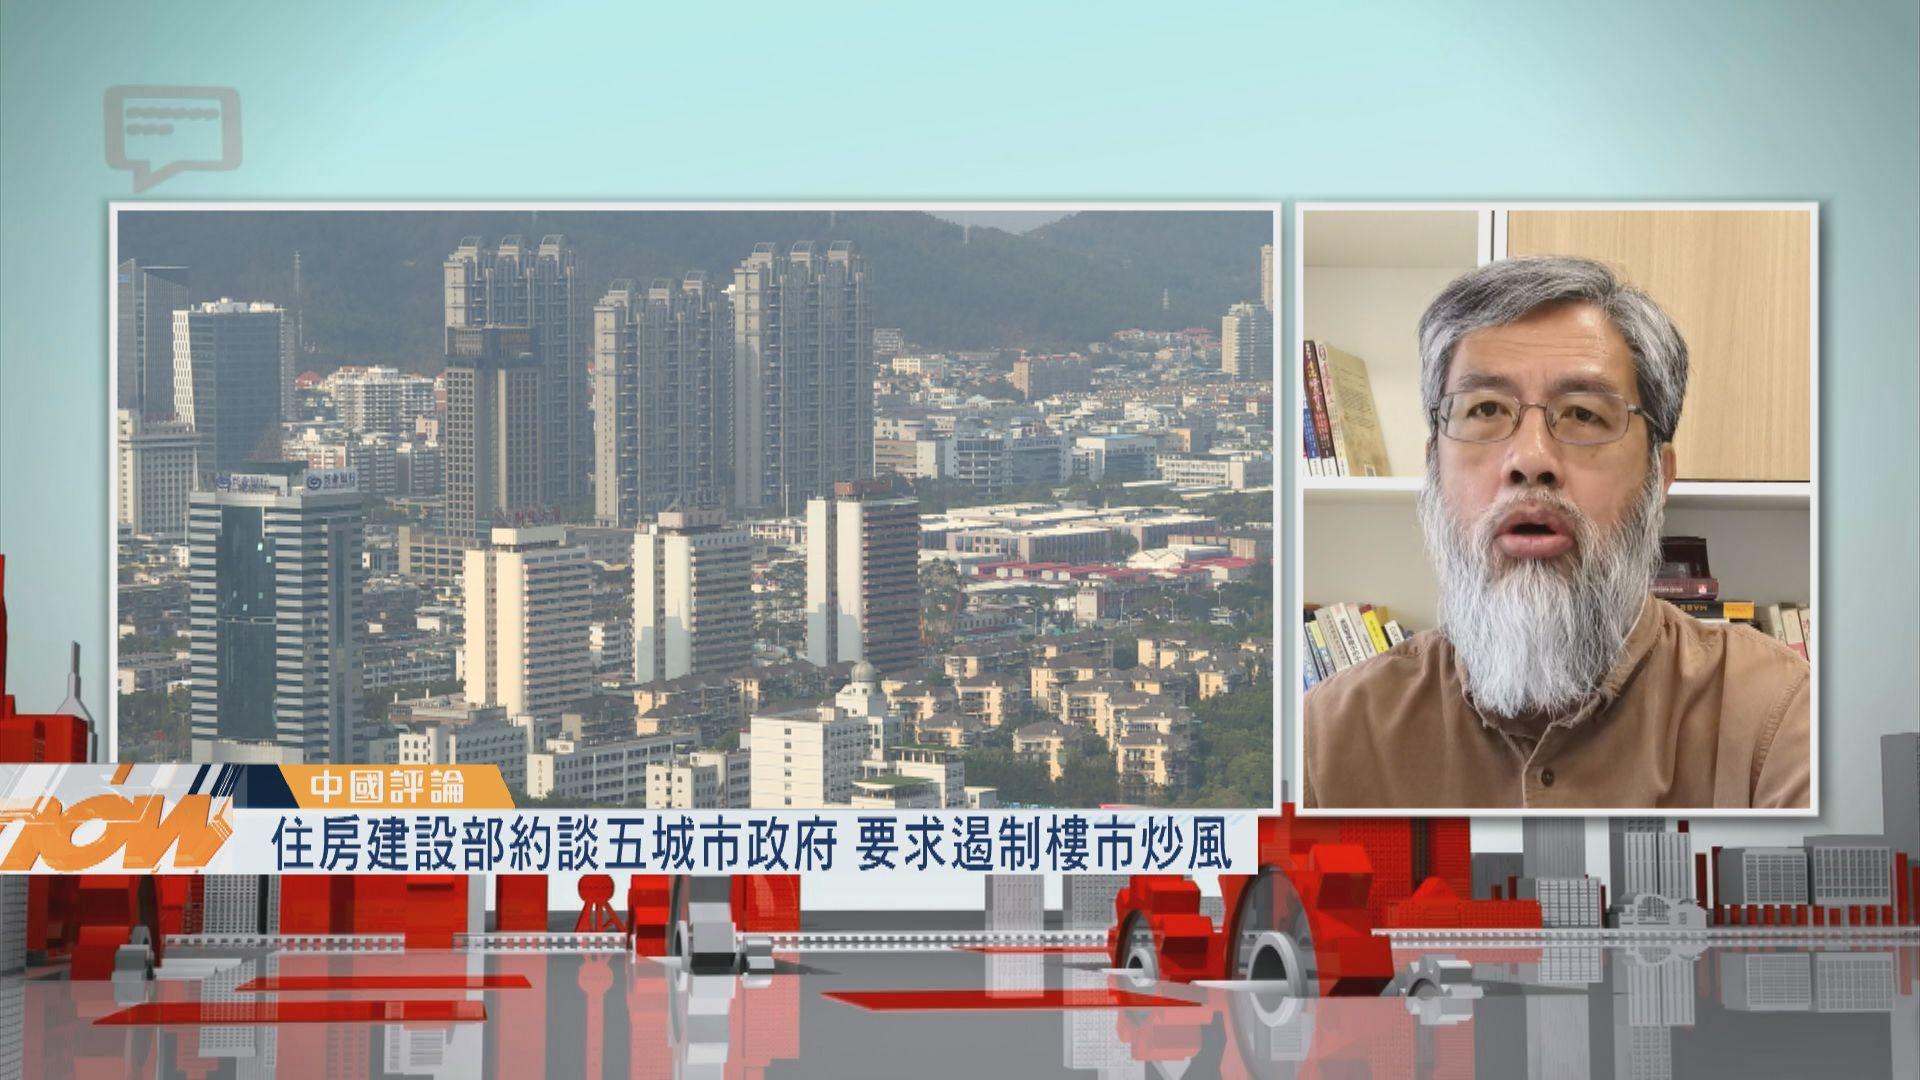 【中國評論】遏制樓市炒風/貨車司機被罰二千元後自殺